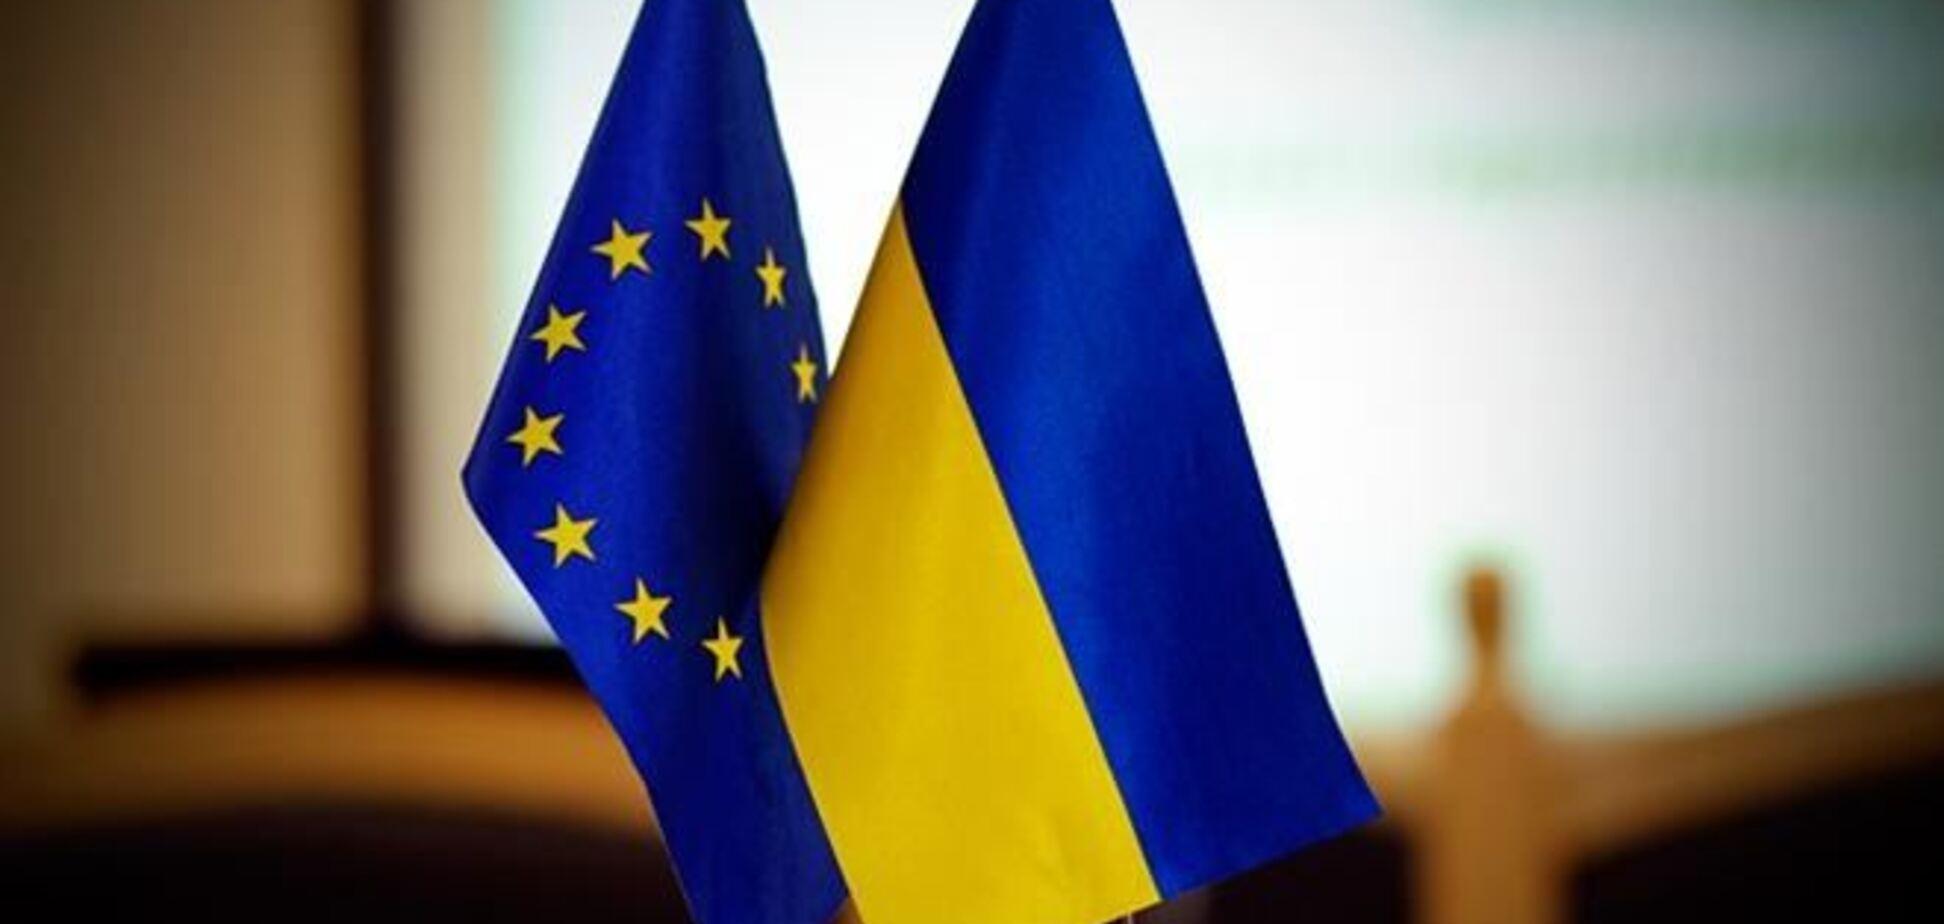 Внеочередная сессия облсовета Ивано-Франковска выдвинула требования к президенту